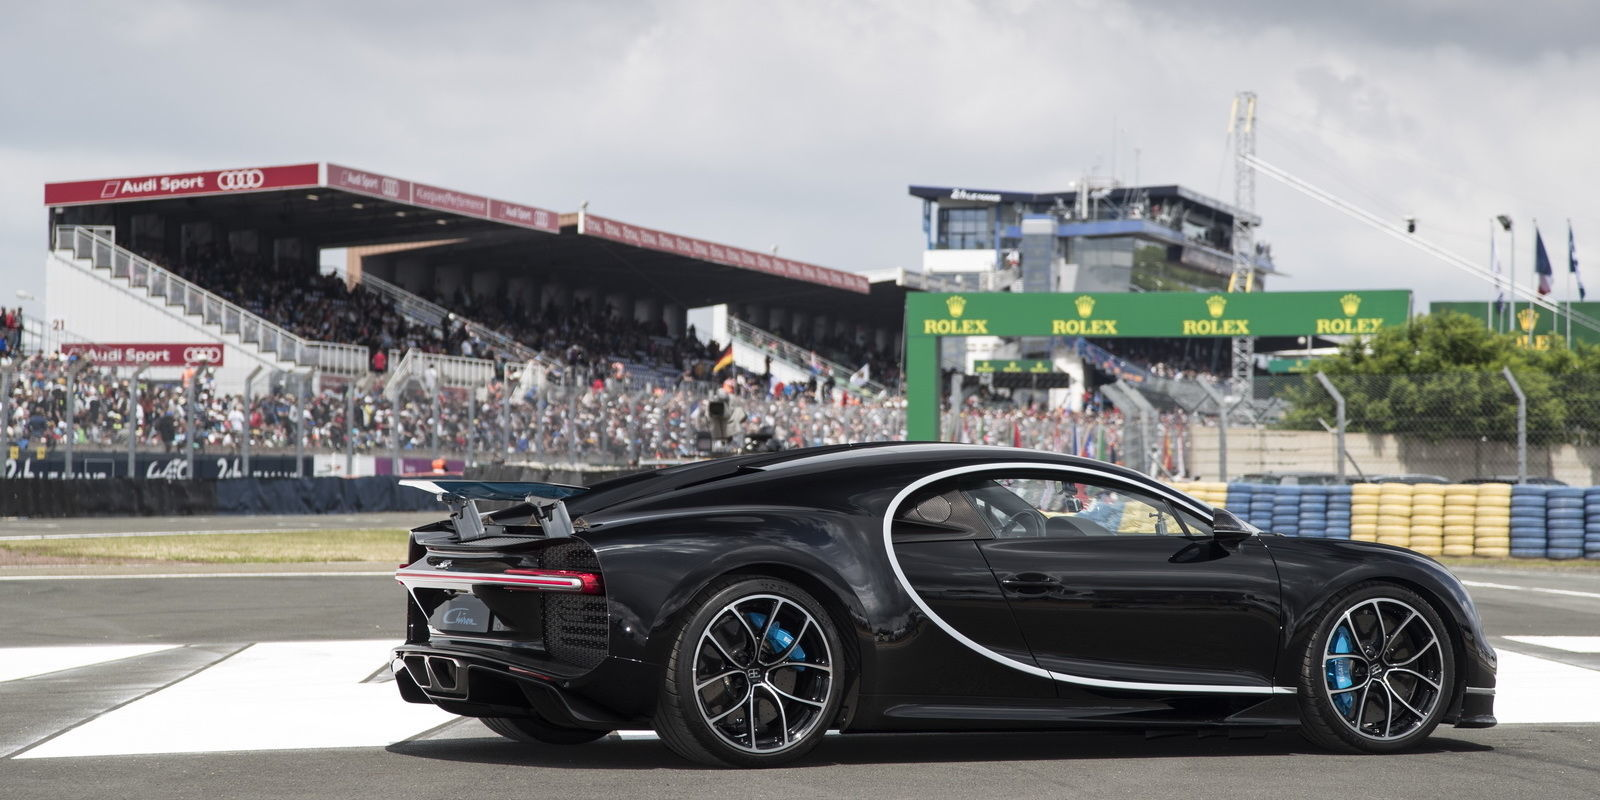 Bugatti Chiron đang là ngôi sao sáng nhất tại 24 Hours of Le Mans năm nay